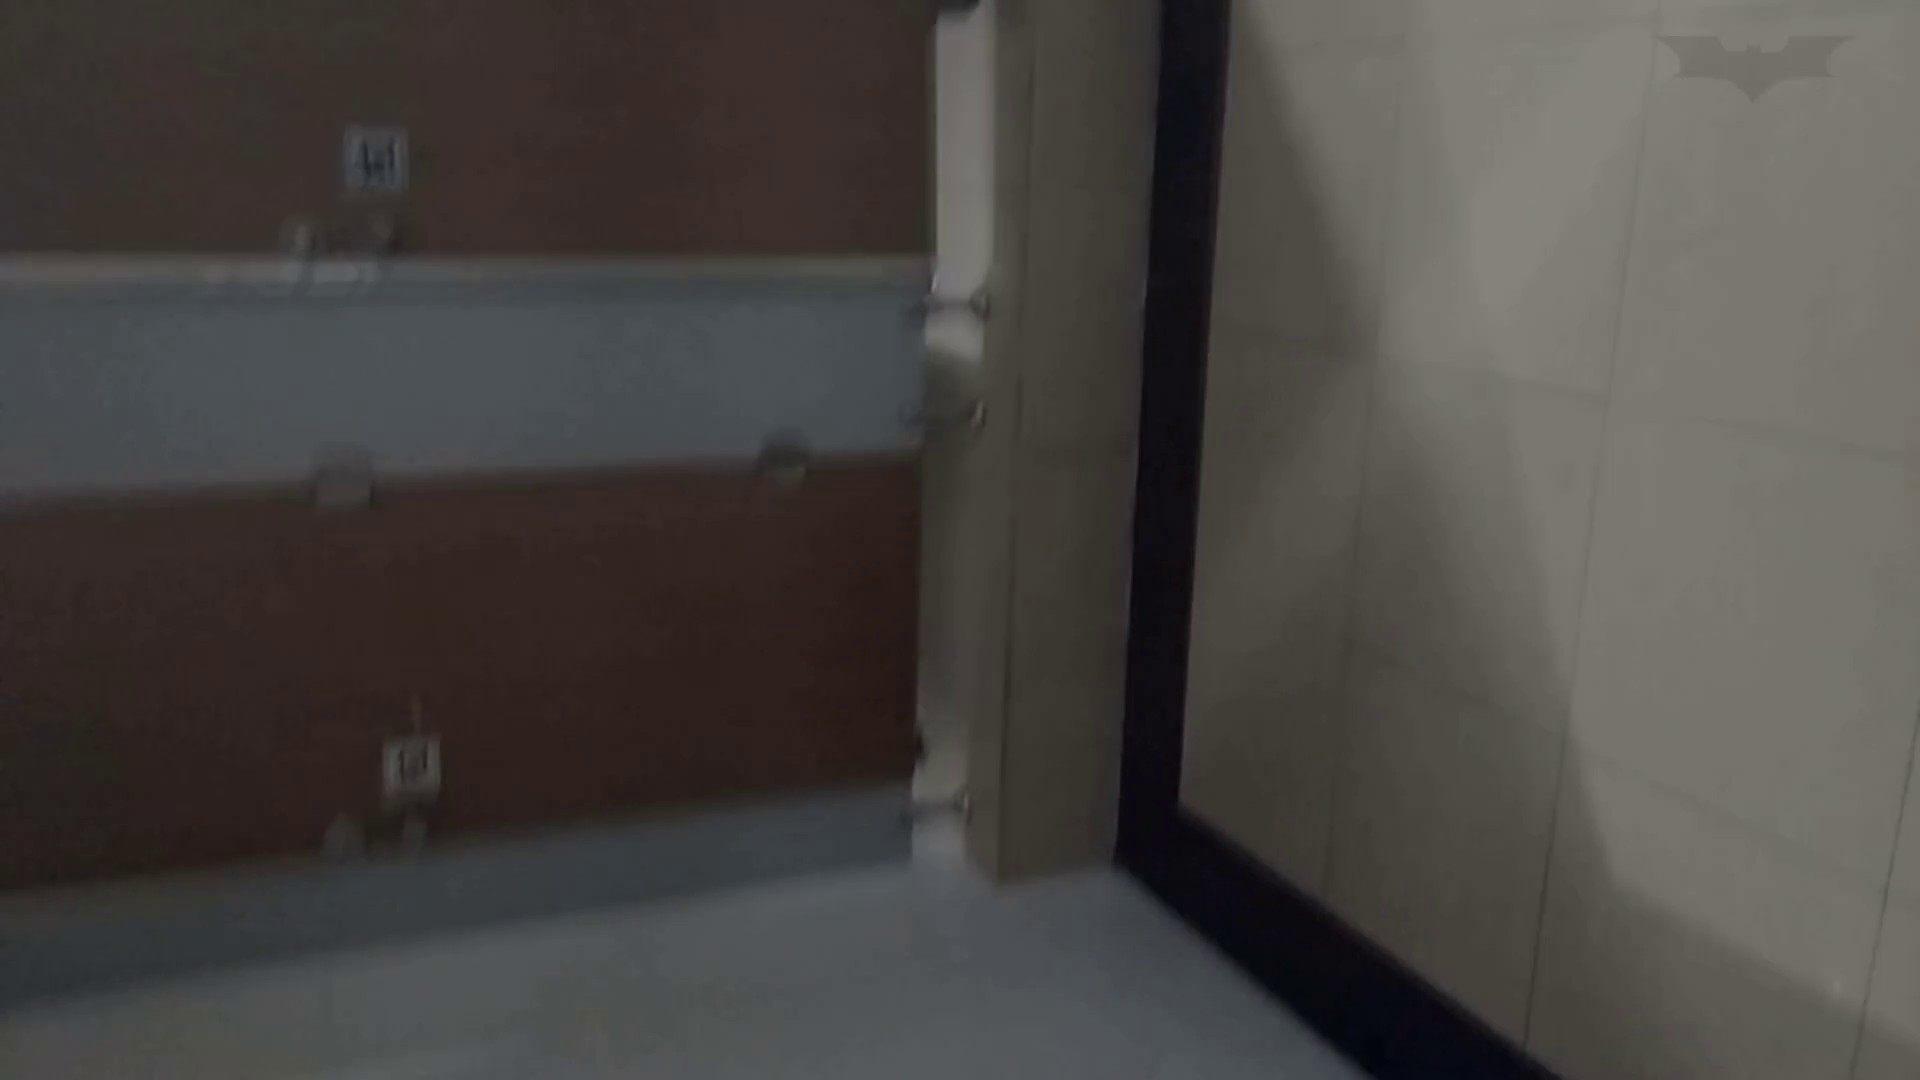 芸術大学ガチ潜入盗撮 JD盗撮 美女の洗面所の秘密 Vol.98 エロくん潜入 SEX無修正画像 14連発 10